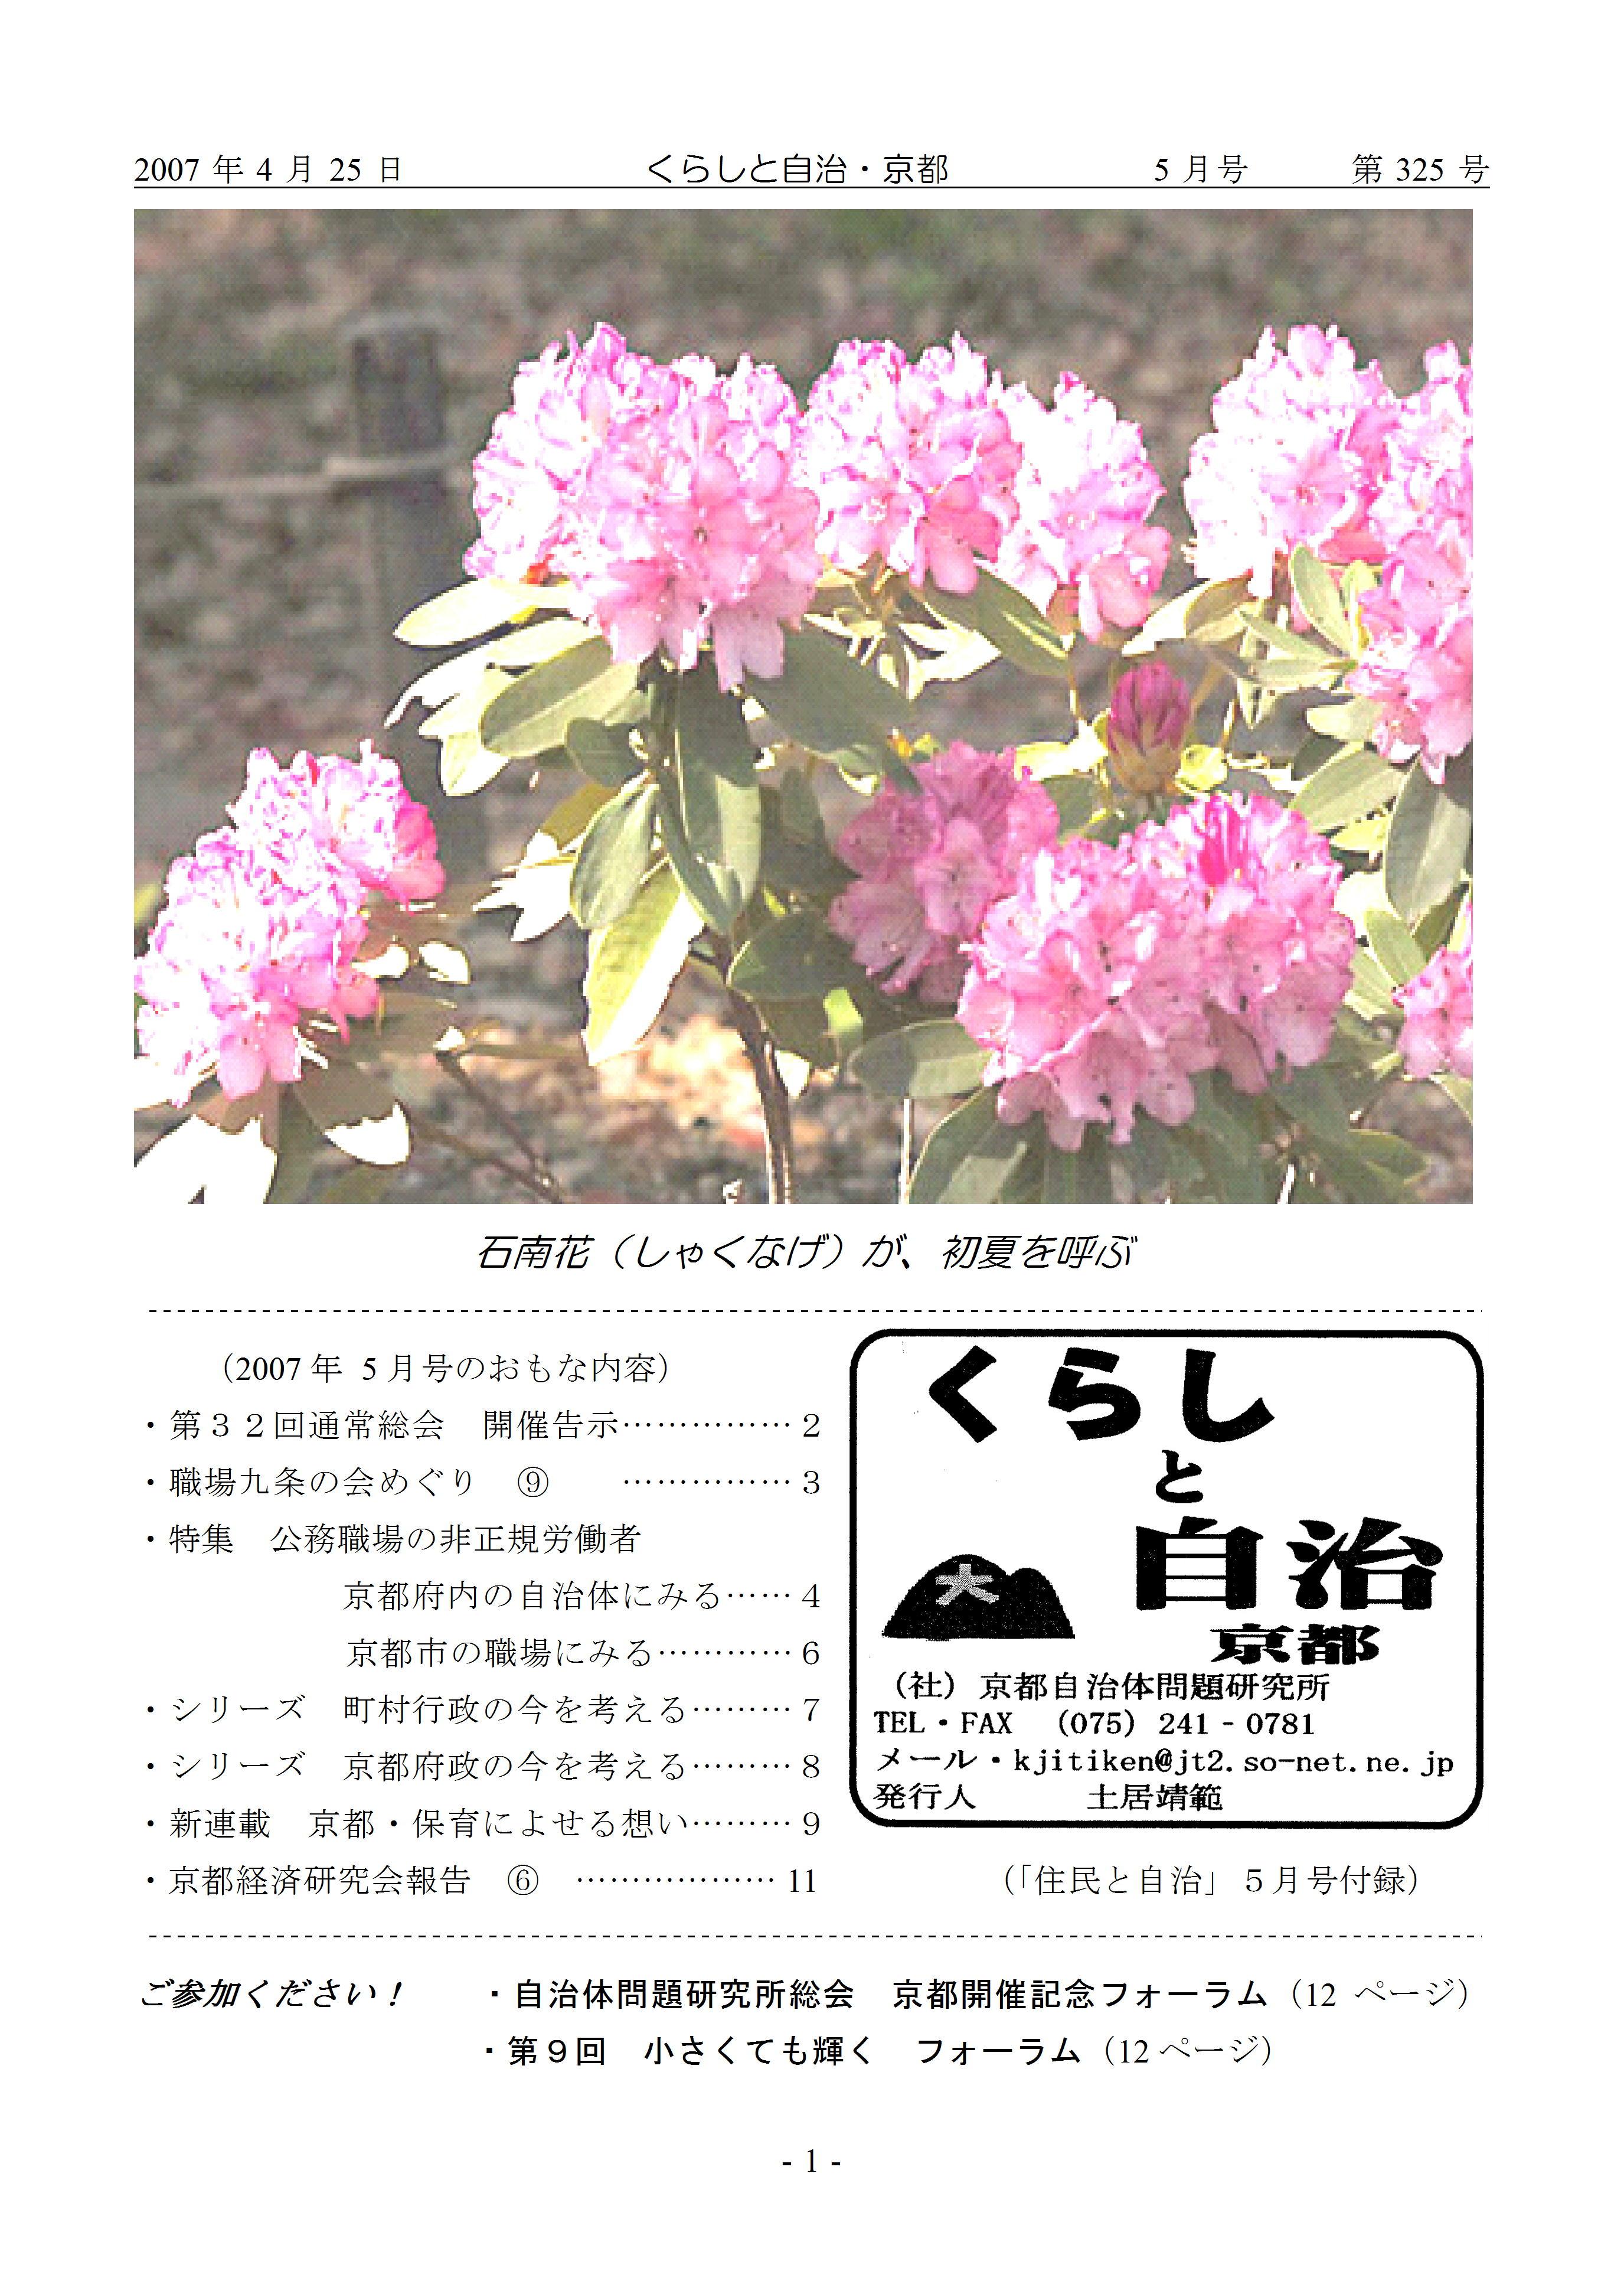 月報「くらしと自治・京都」2007年05月号 第325号